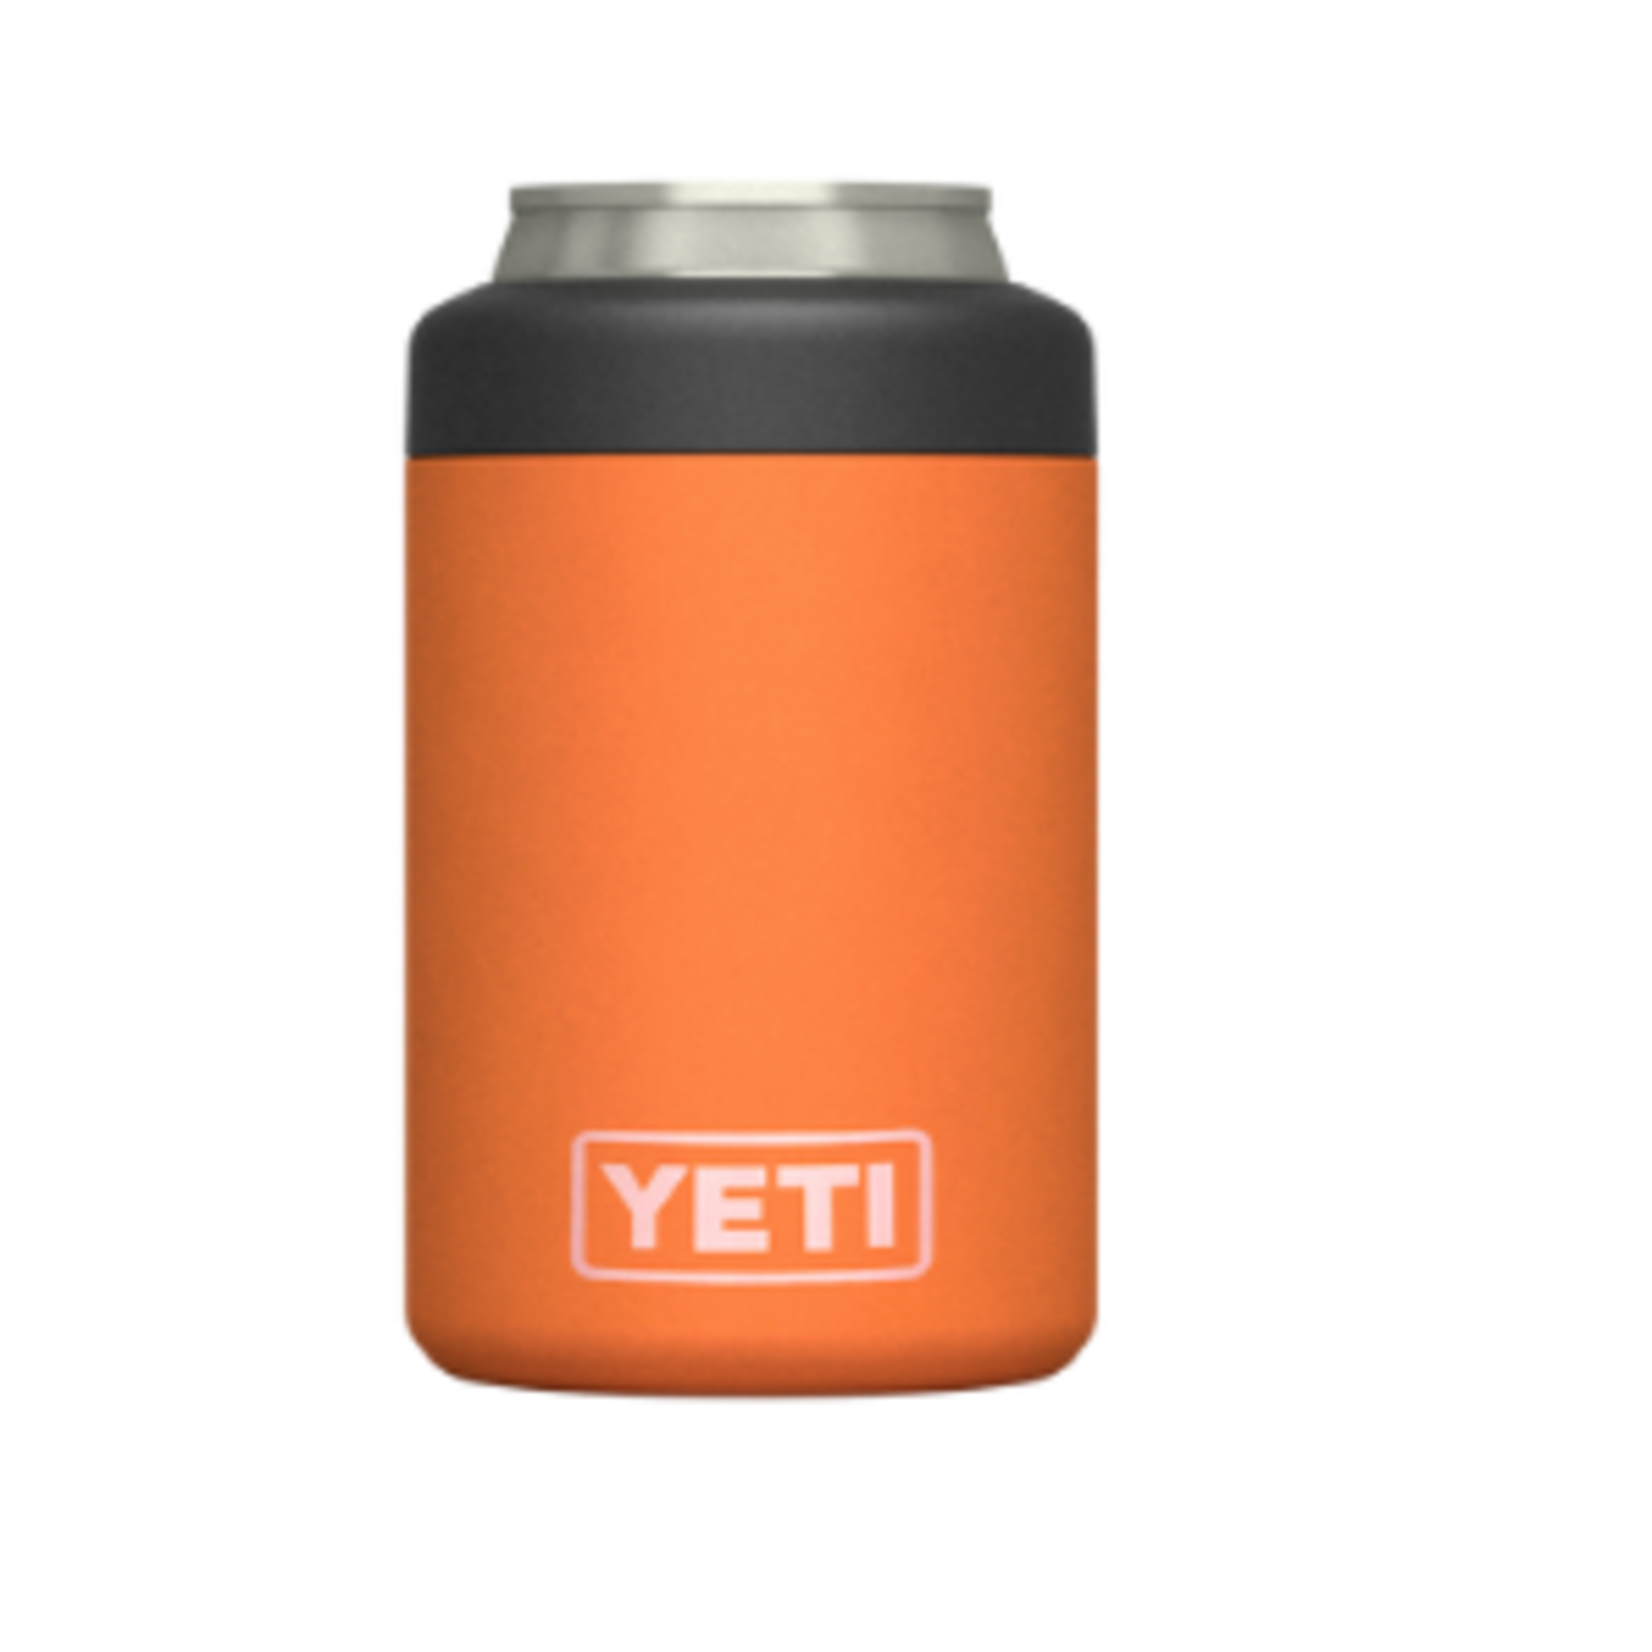 Yeti Yeti Rambler Colster - P-117492